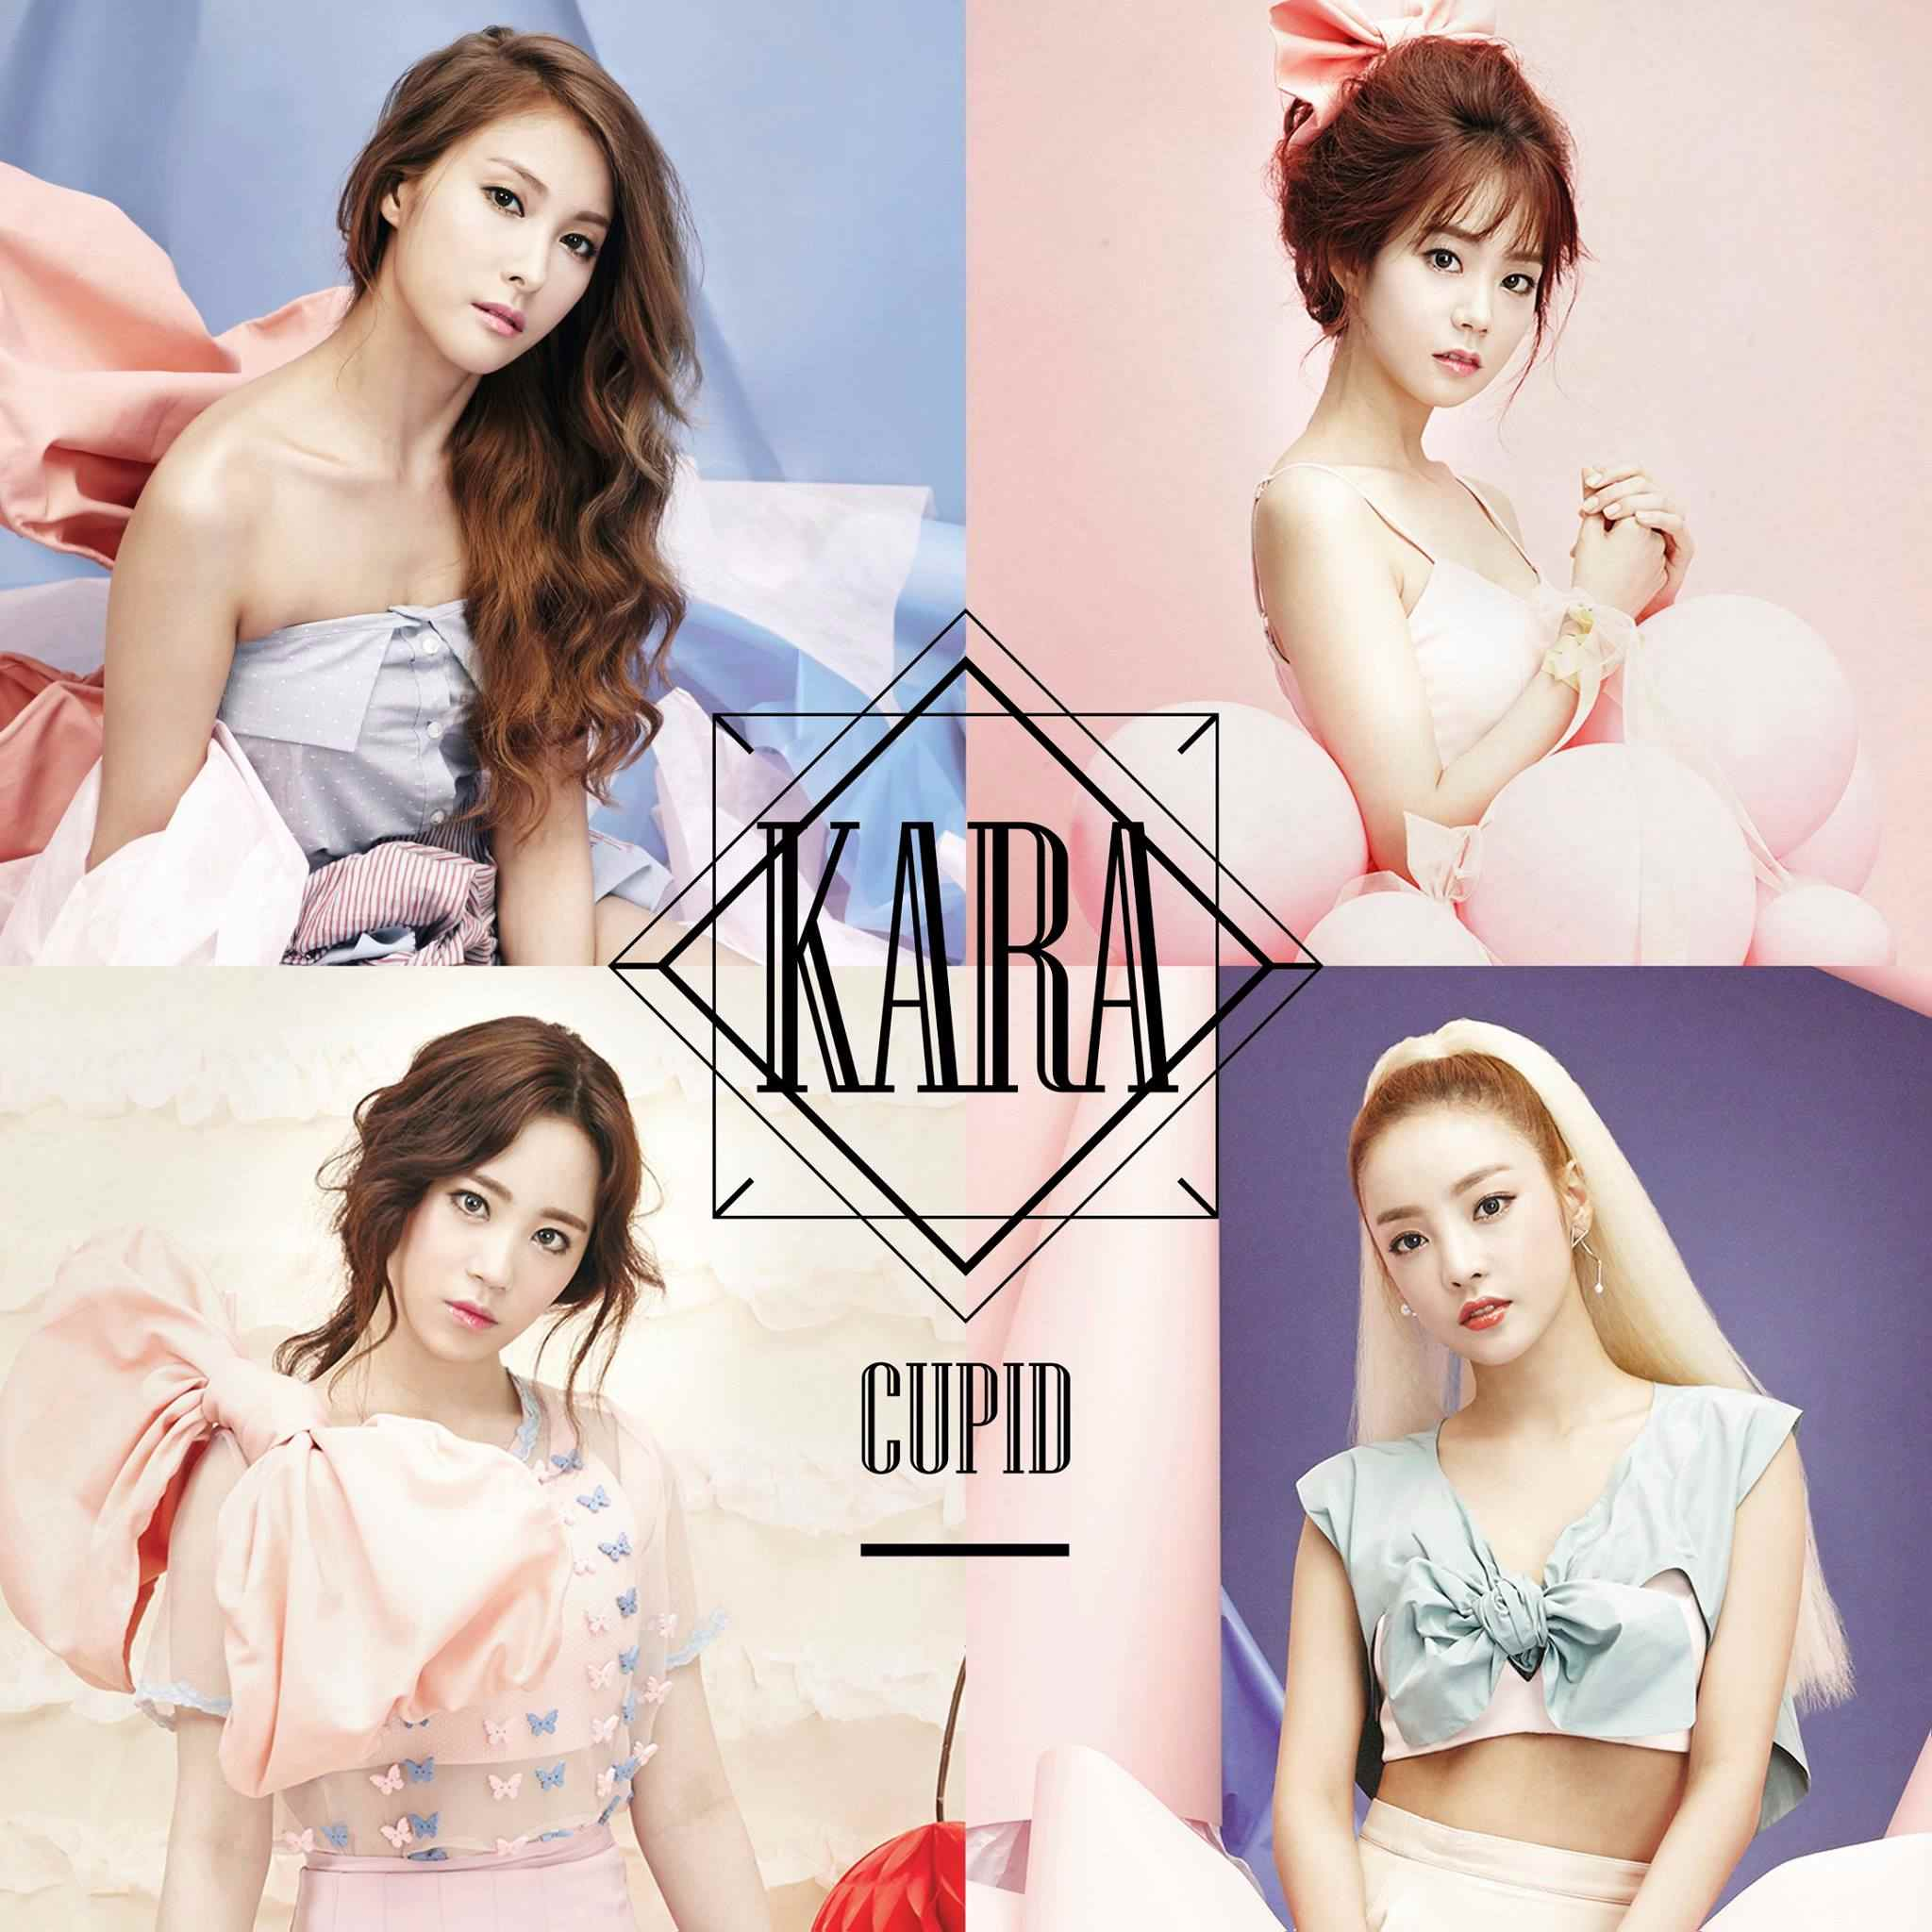 2008年出道的女團Kara不僅在韓國擁有超高人氣,他們更在日本擁有如日本女團的人氣跟知名度。但自從2016年荷拉、奎利、昇延在本月尾的合約到期後決定不再續約,而齡智則會繼續留在公司發展個人活動,Kara也呈現「單飛不解散」的狀態。